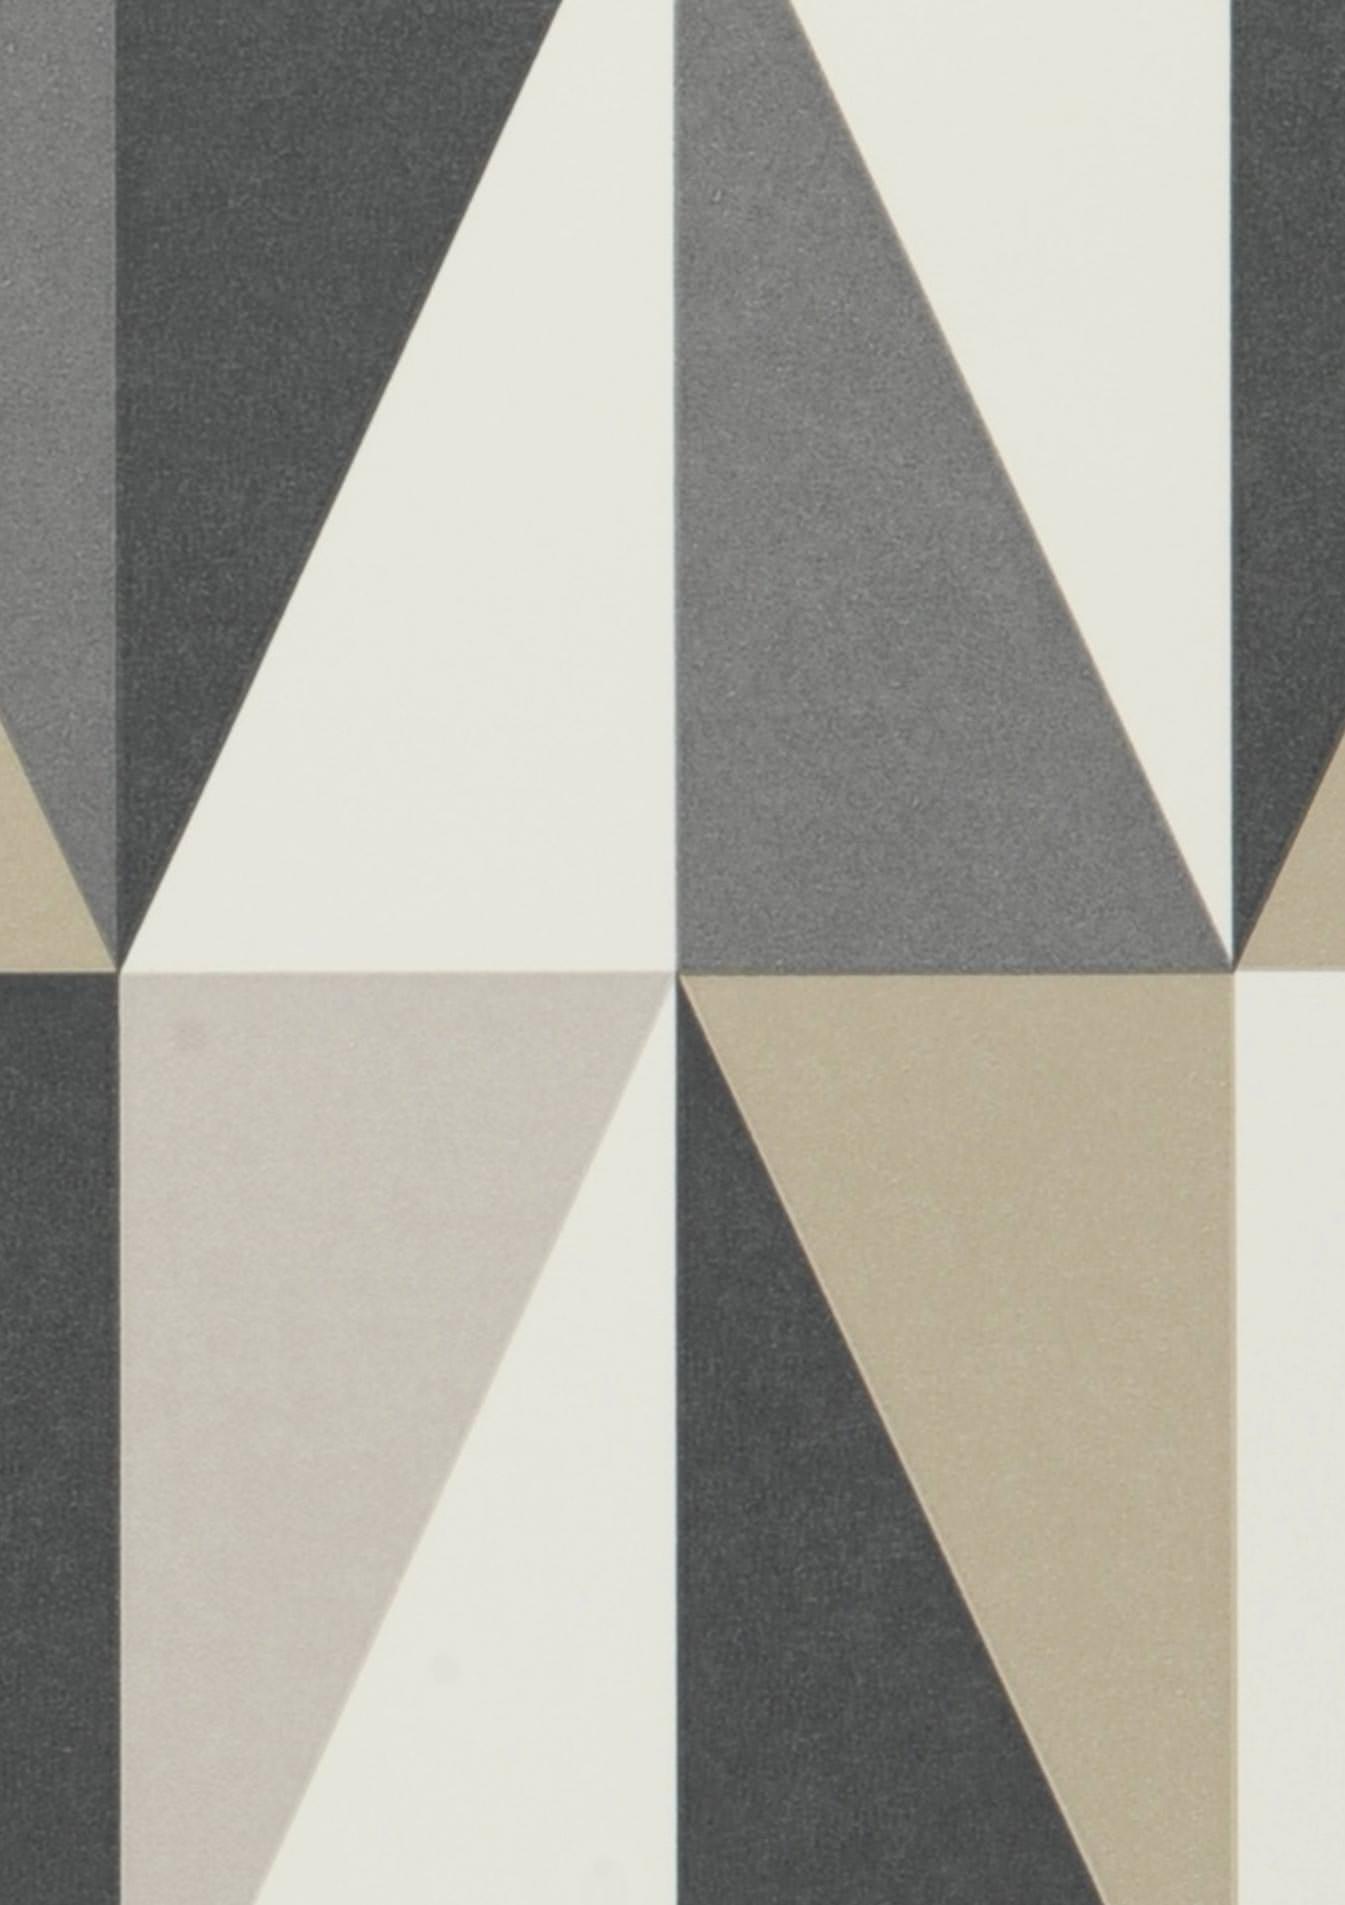 Carta da parati lenus grigio antracite grigio basalto for Carta da parati anni 70 vendita on line